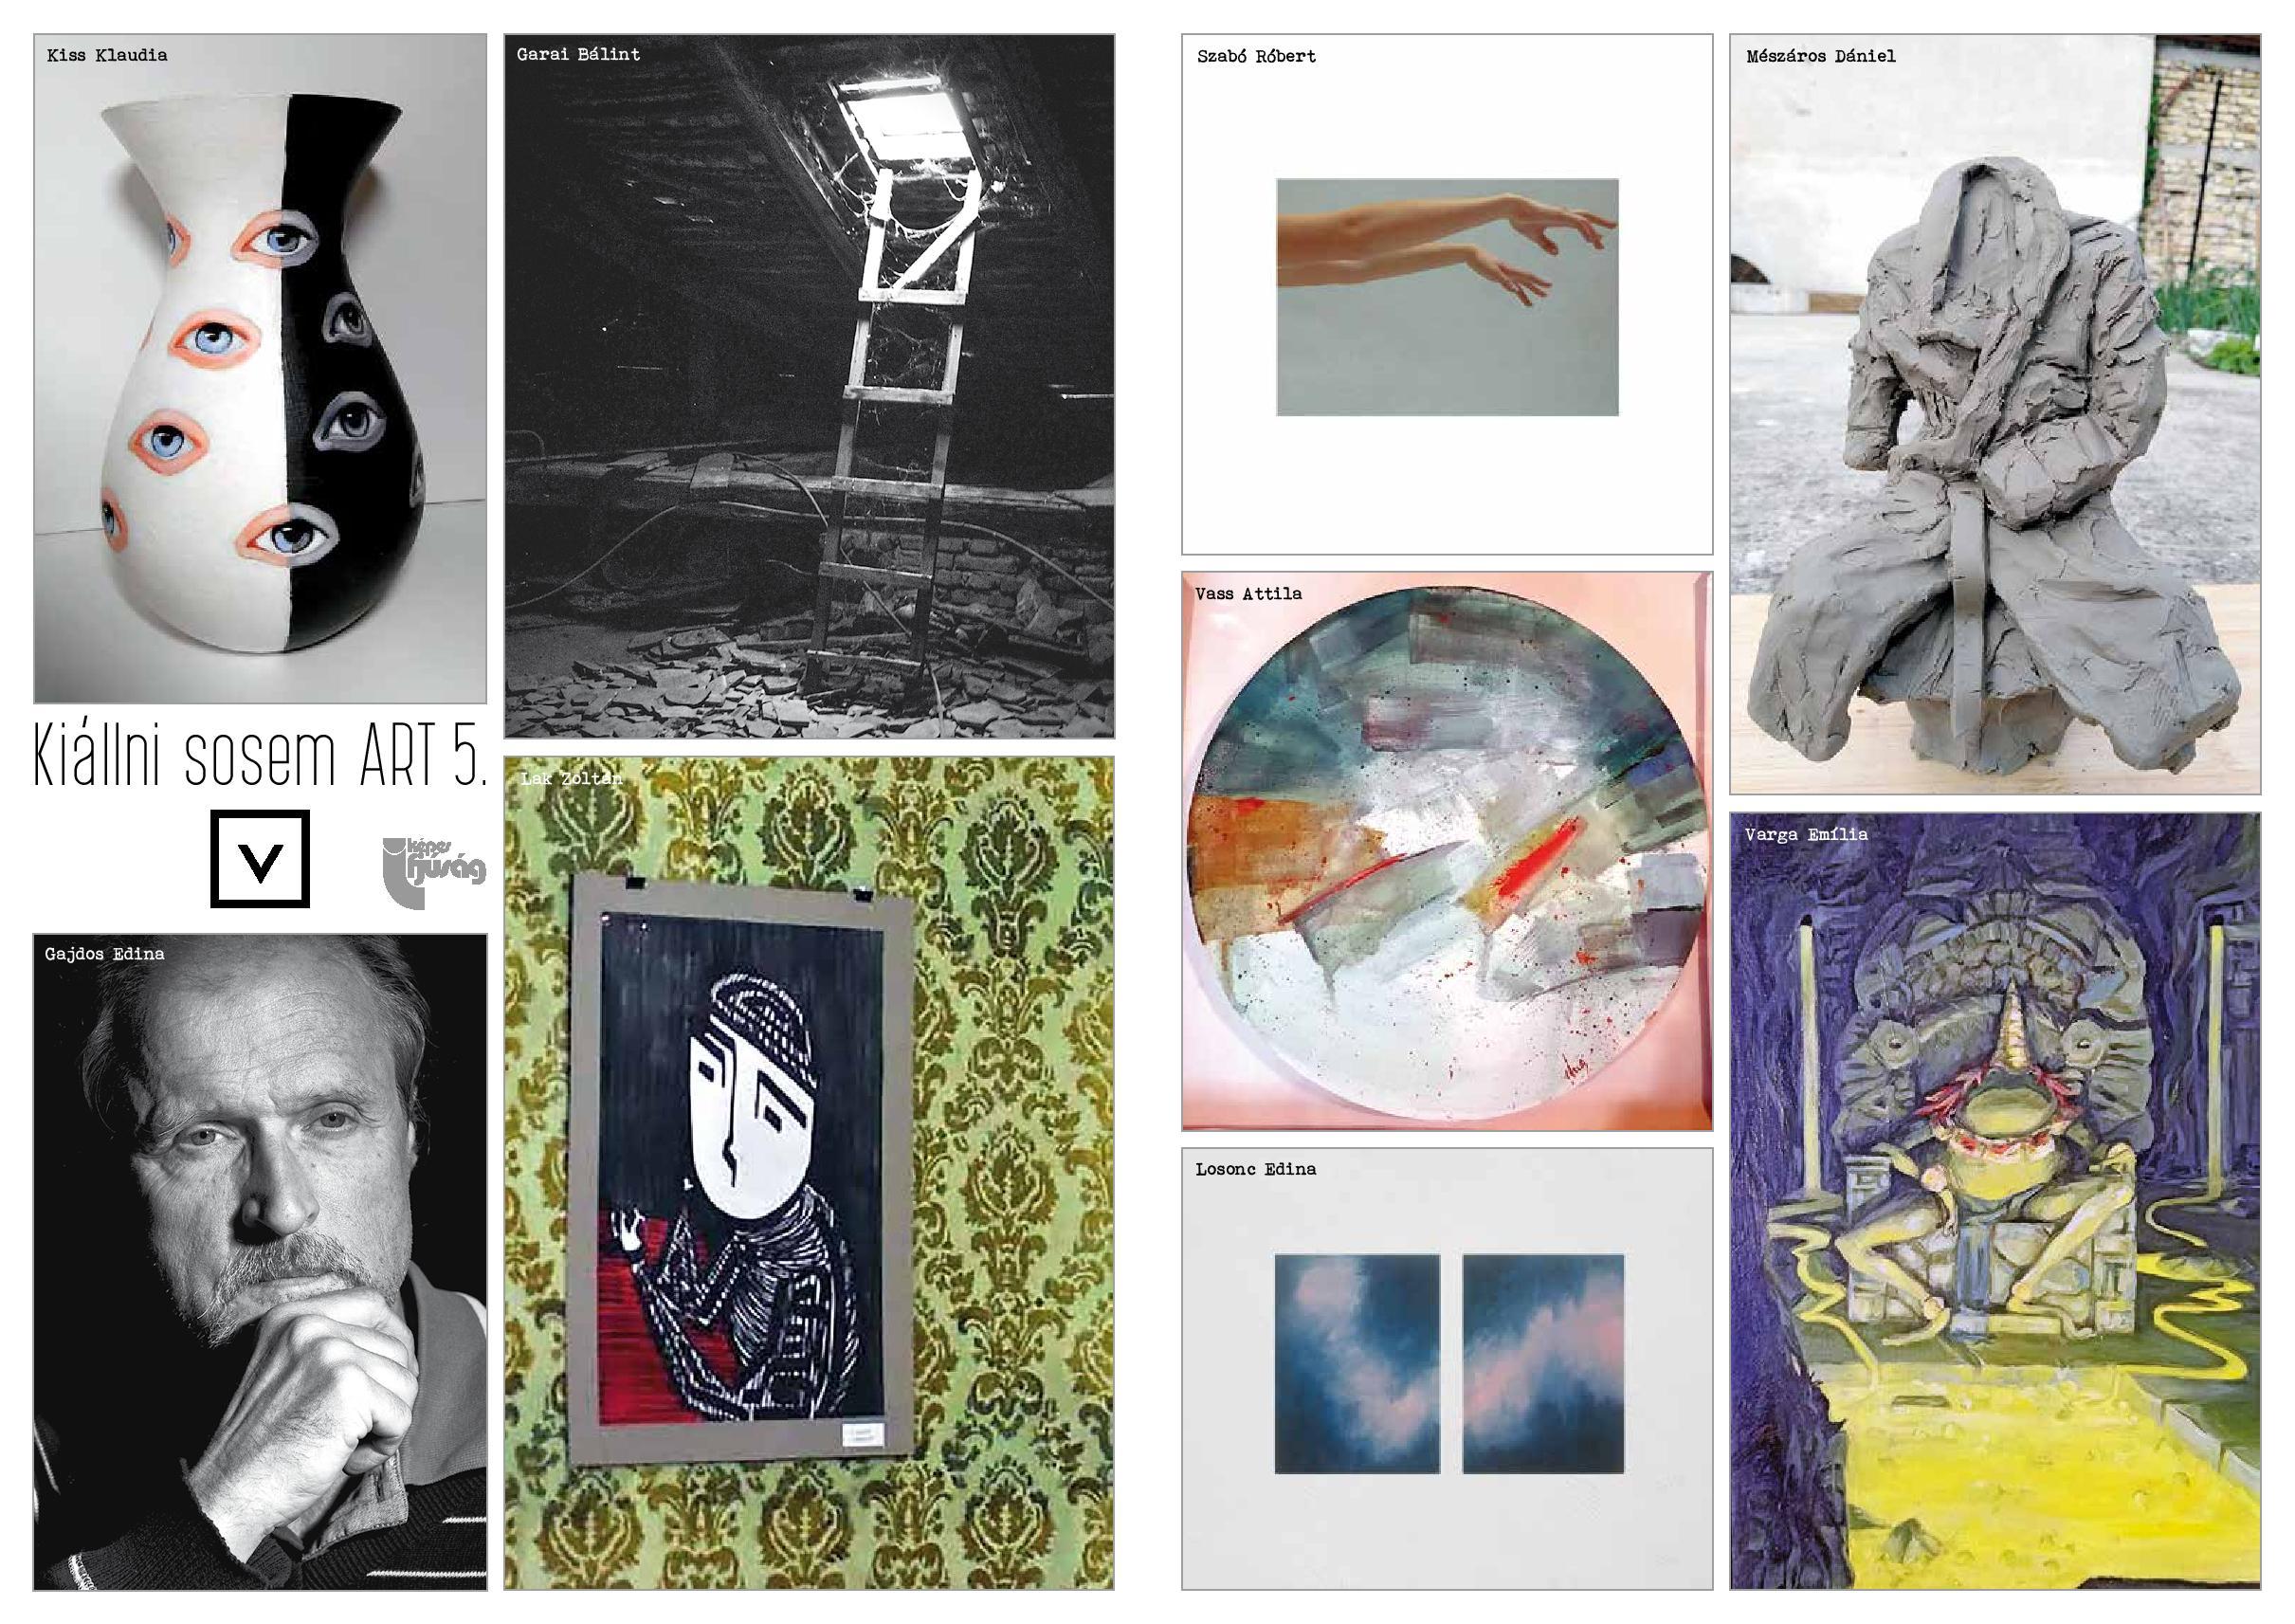 Belső oldal: Kiállni sosem ART